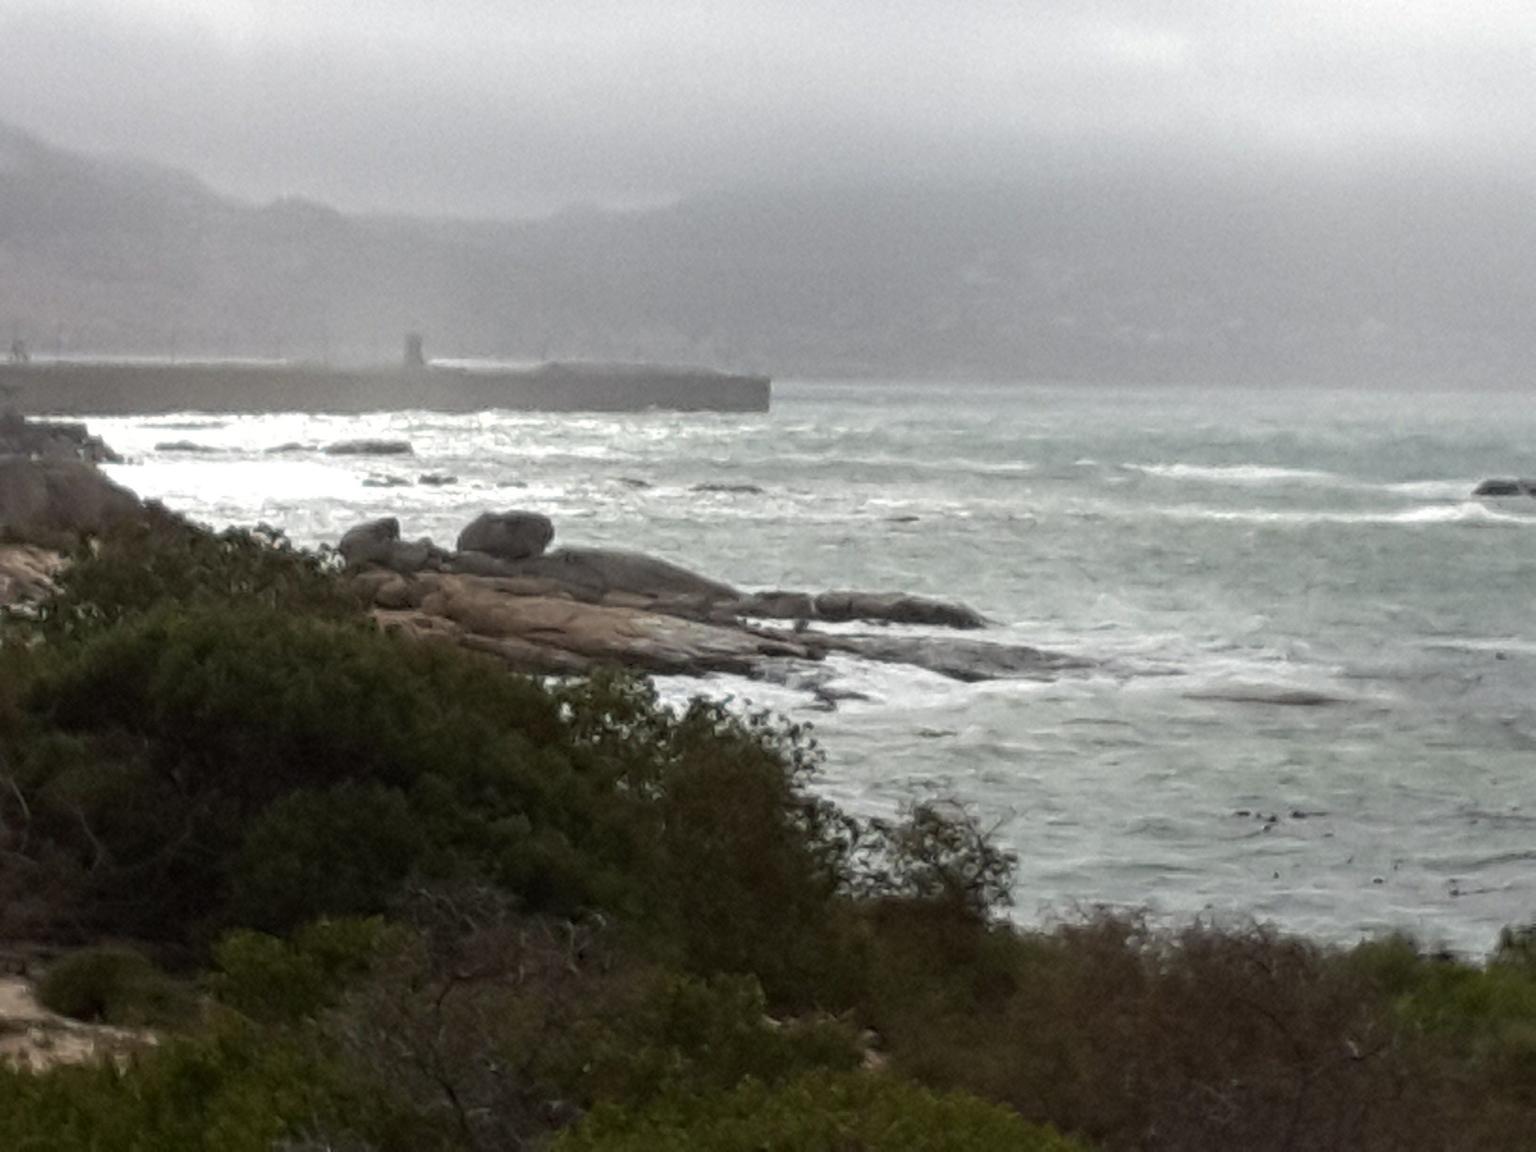 MÁS FOTOS, Excursión en la península del Cabo desde Ciudad del Cabo